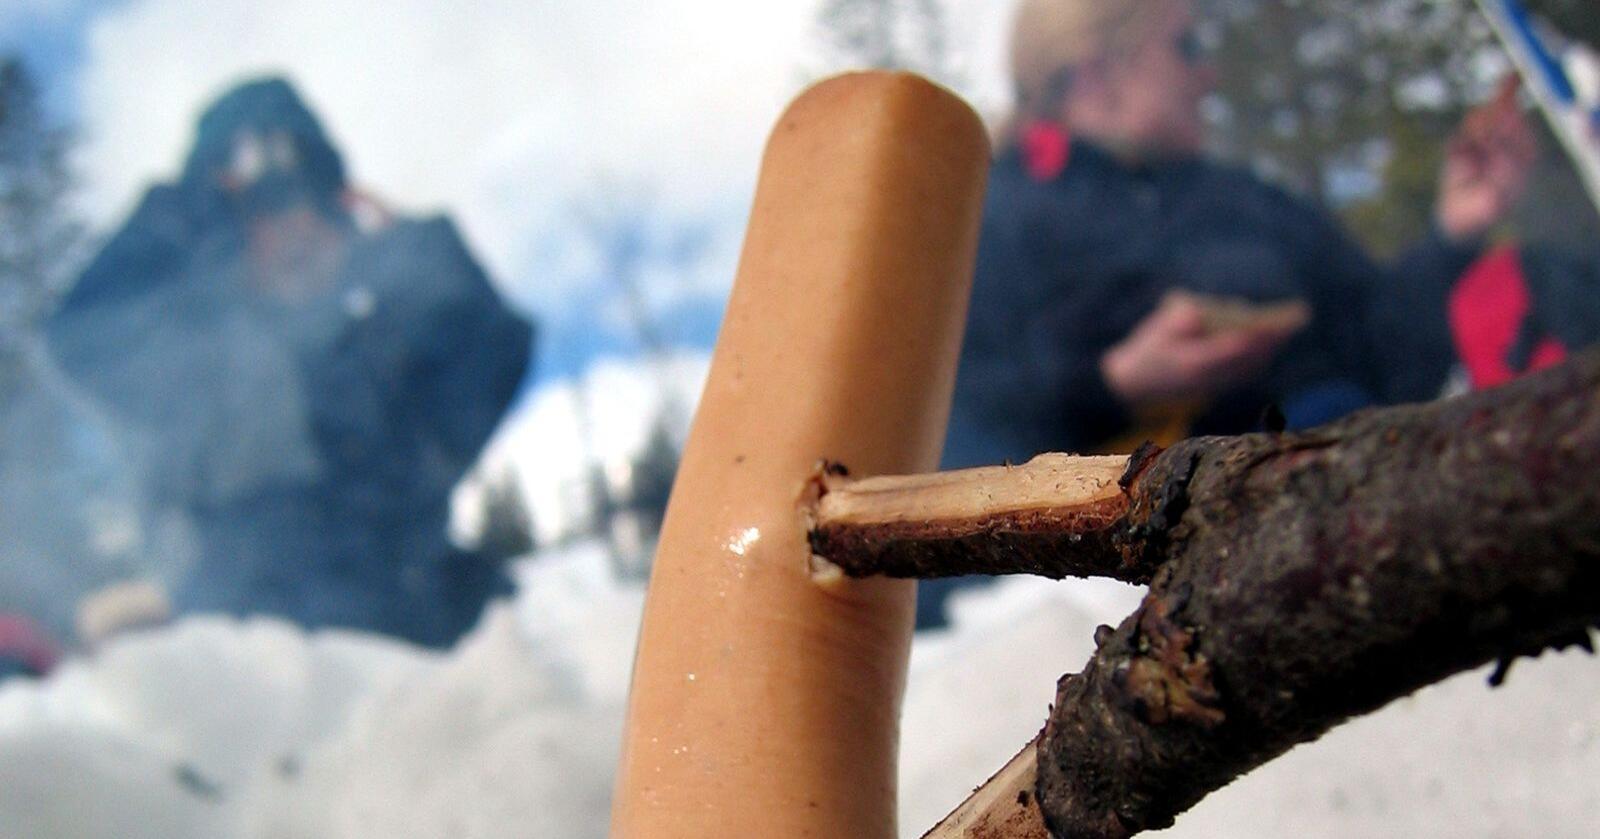 I ei undersøking hadde ni av 24 kjøttprodukt meir salt enn det som var oppgitt på næringsdeklarasjonen. Illustrasjonsfoto: Lise Åserud / NTB scanpix / NPK